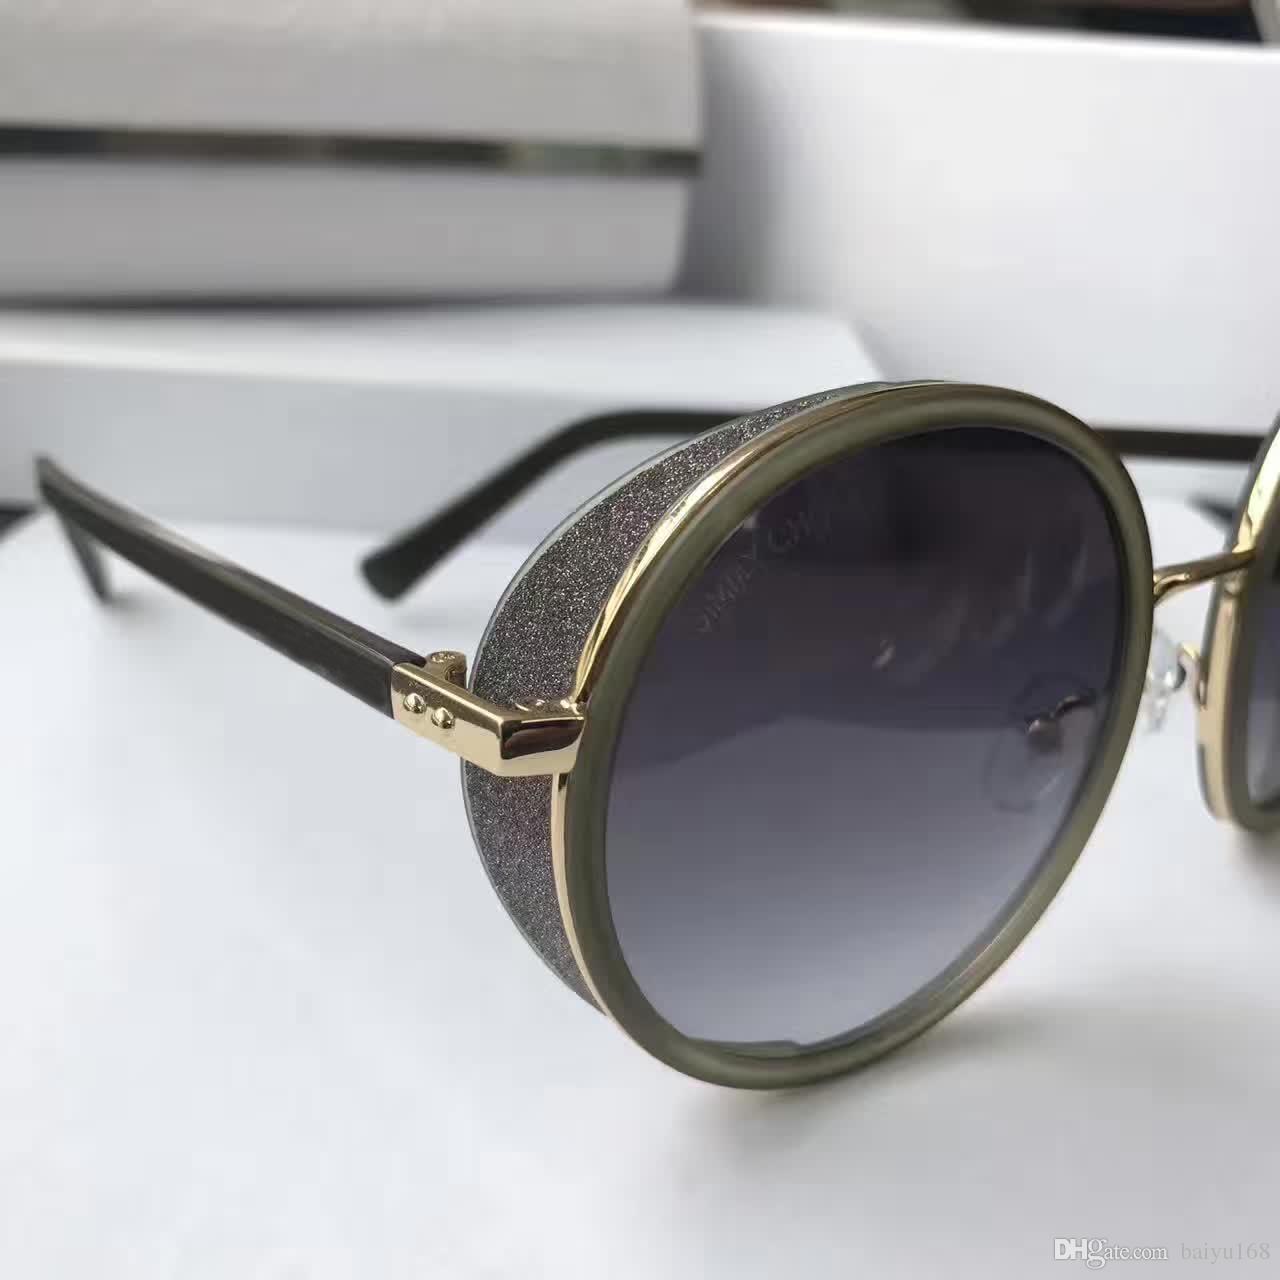 النساء آندي / S تسلق أسود رمادي المظللة النظارات الشمسية النظارات الشمسية جولة OCCHIALI دا الوحيد جديد في صندوق